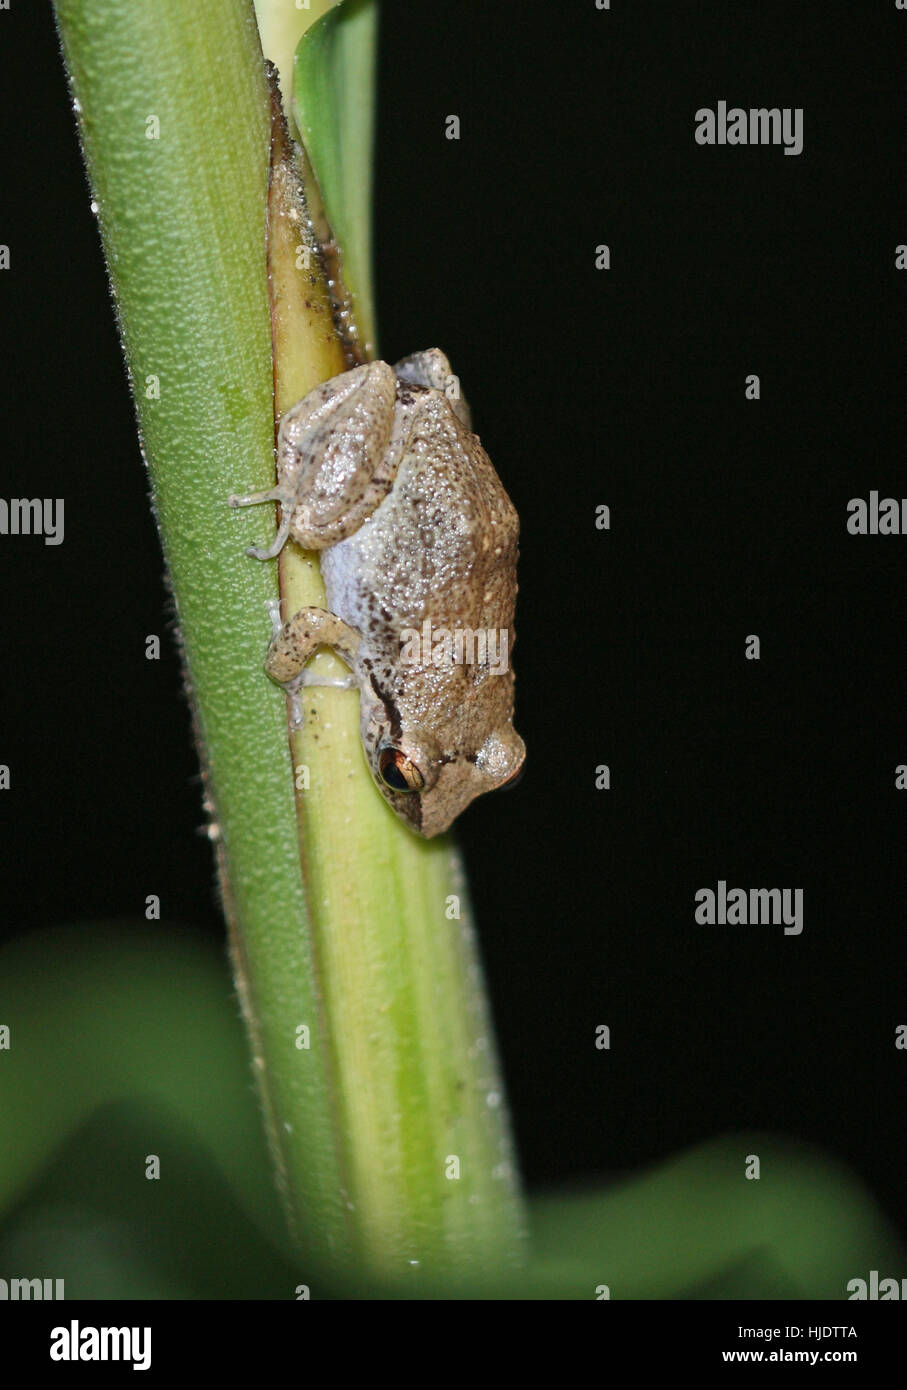 Antillean moindre (Eleutherodactylus sifflement) johnstomei Fond Doux Plantation, St Lucia, Petites Antilles Décembre Photo Stock